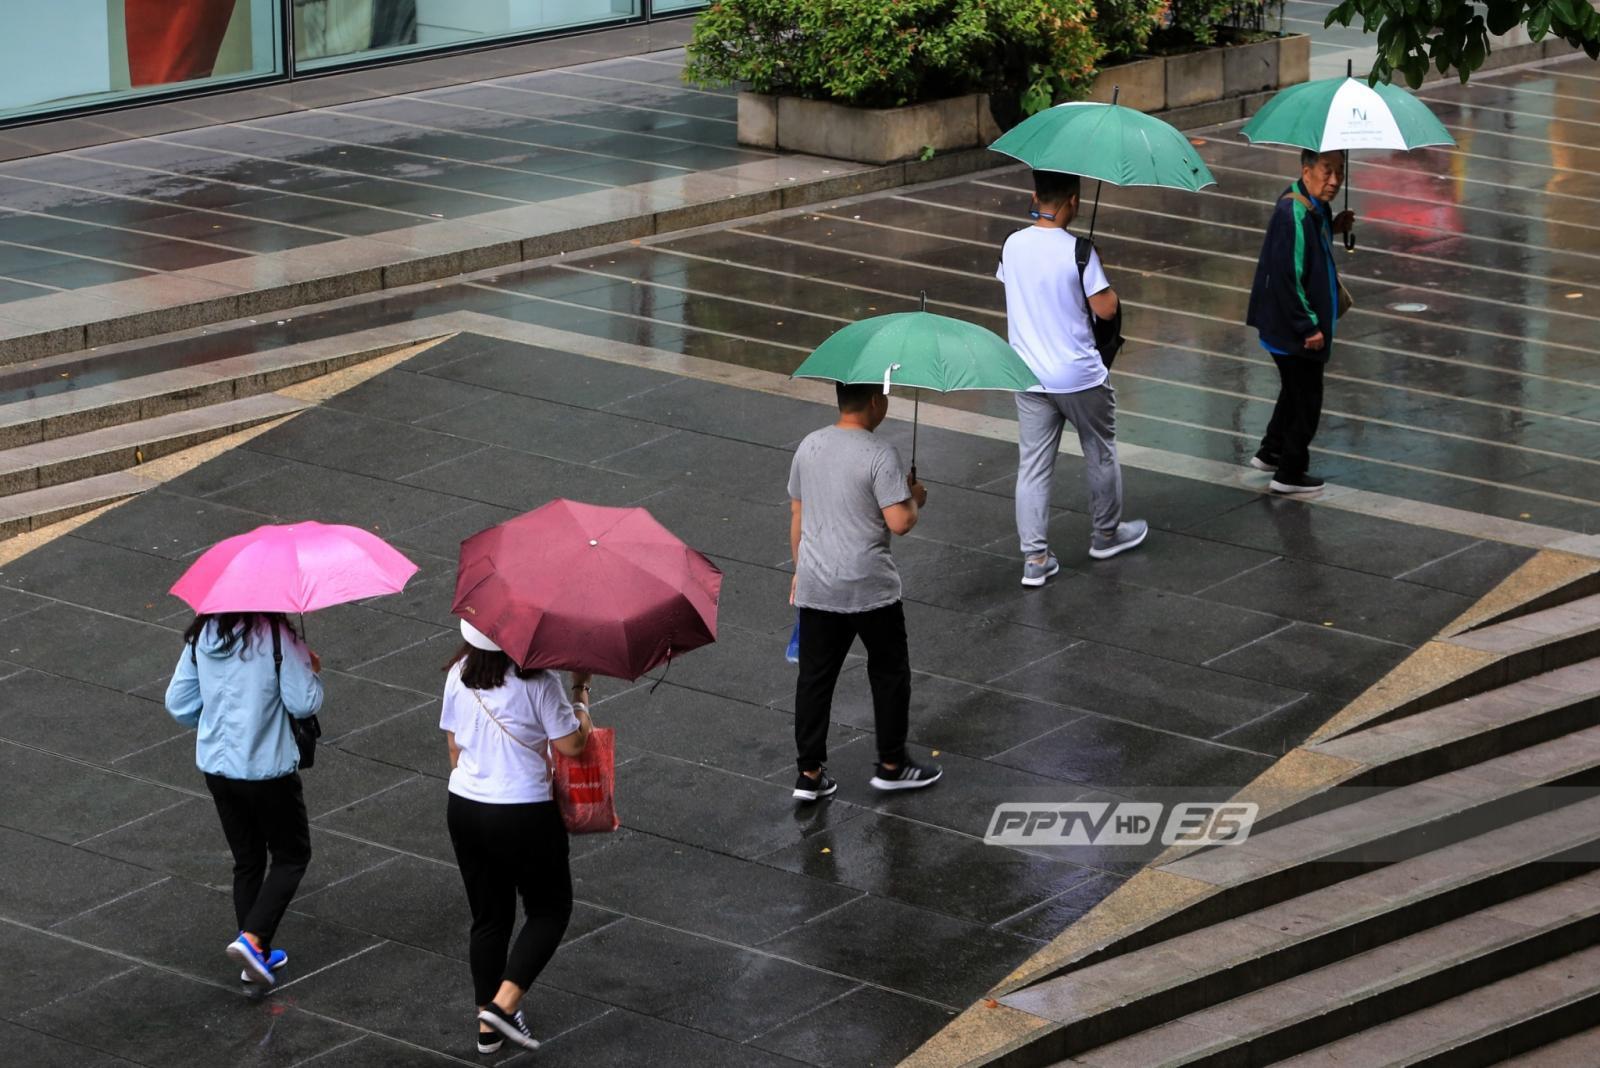 """อุตุฯ ประกาศ """"พายุดีเปรสชัน"""" ฉ.9 เข้าจีน 5-8 มิ.ย.-ไทยฝนเพิ่ม"""